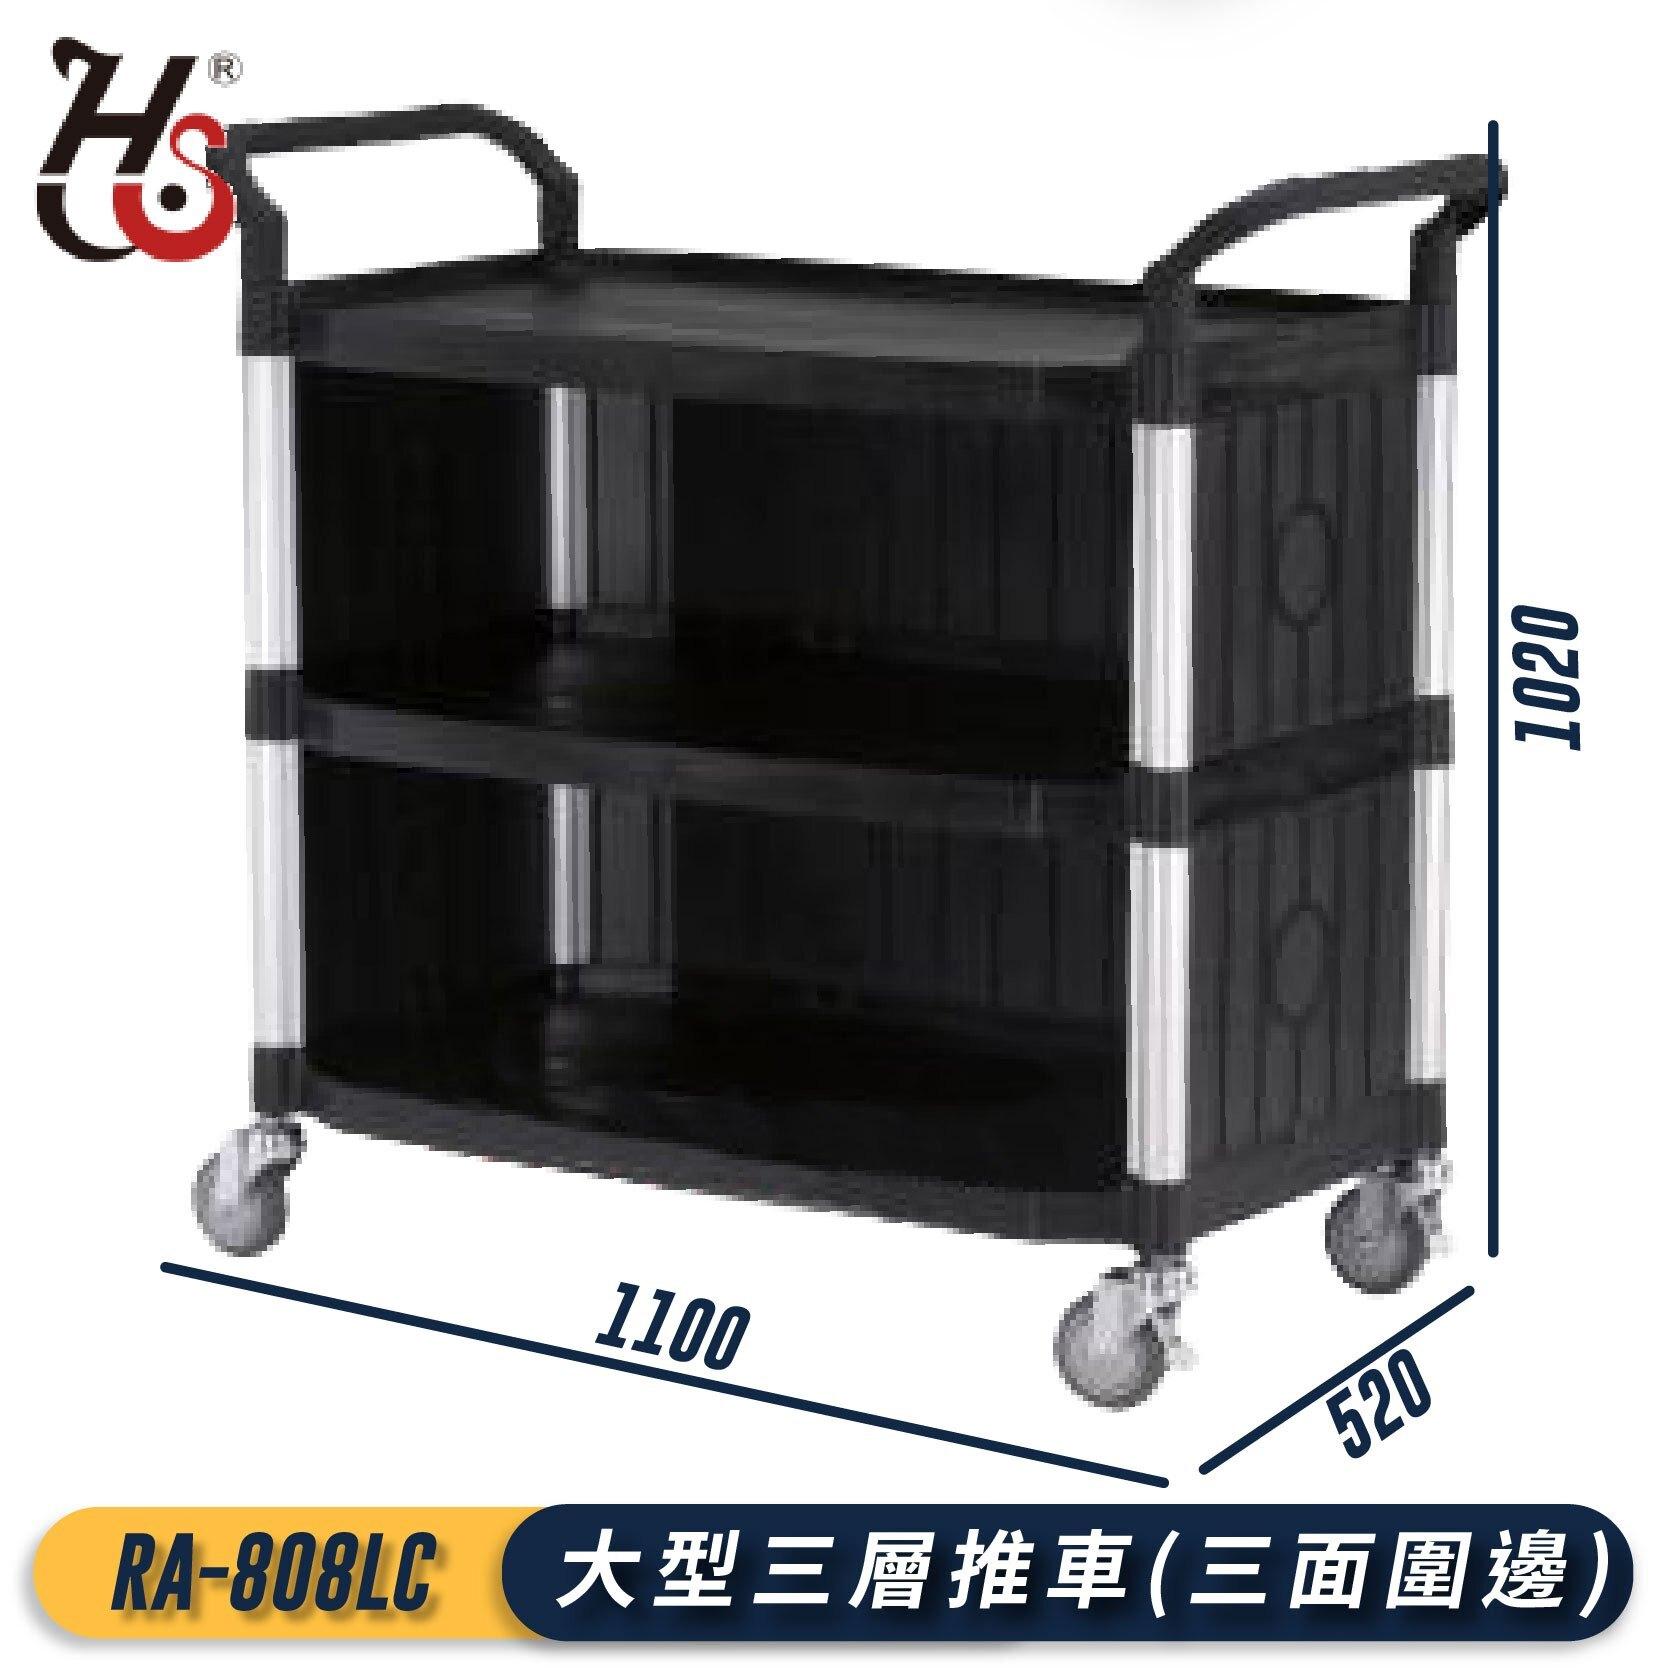 【工作幫手】華塑 大型三層推車(圍邊)(黑) RA-808LC 手推車 工作推車 工作車 清潔車 房務車 置物架